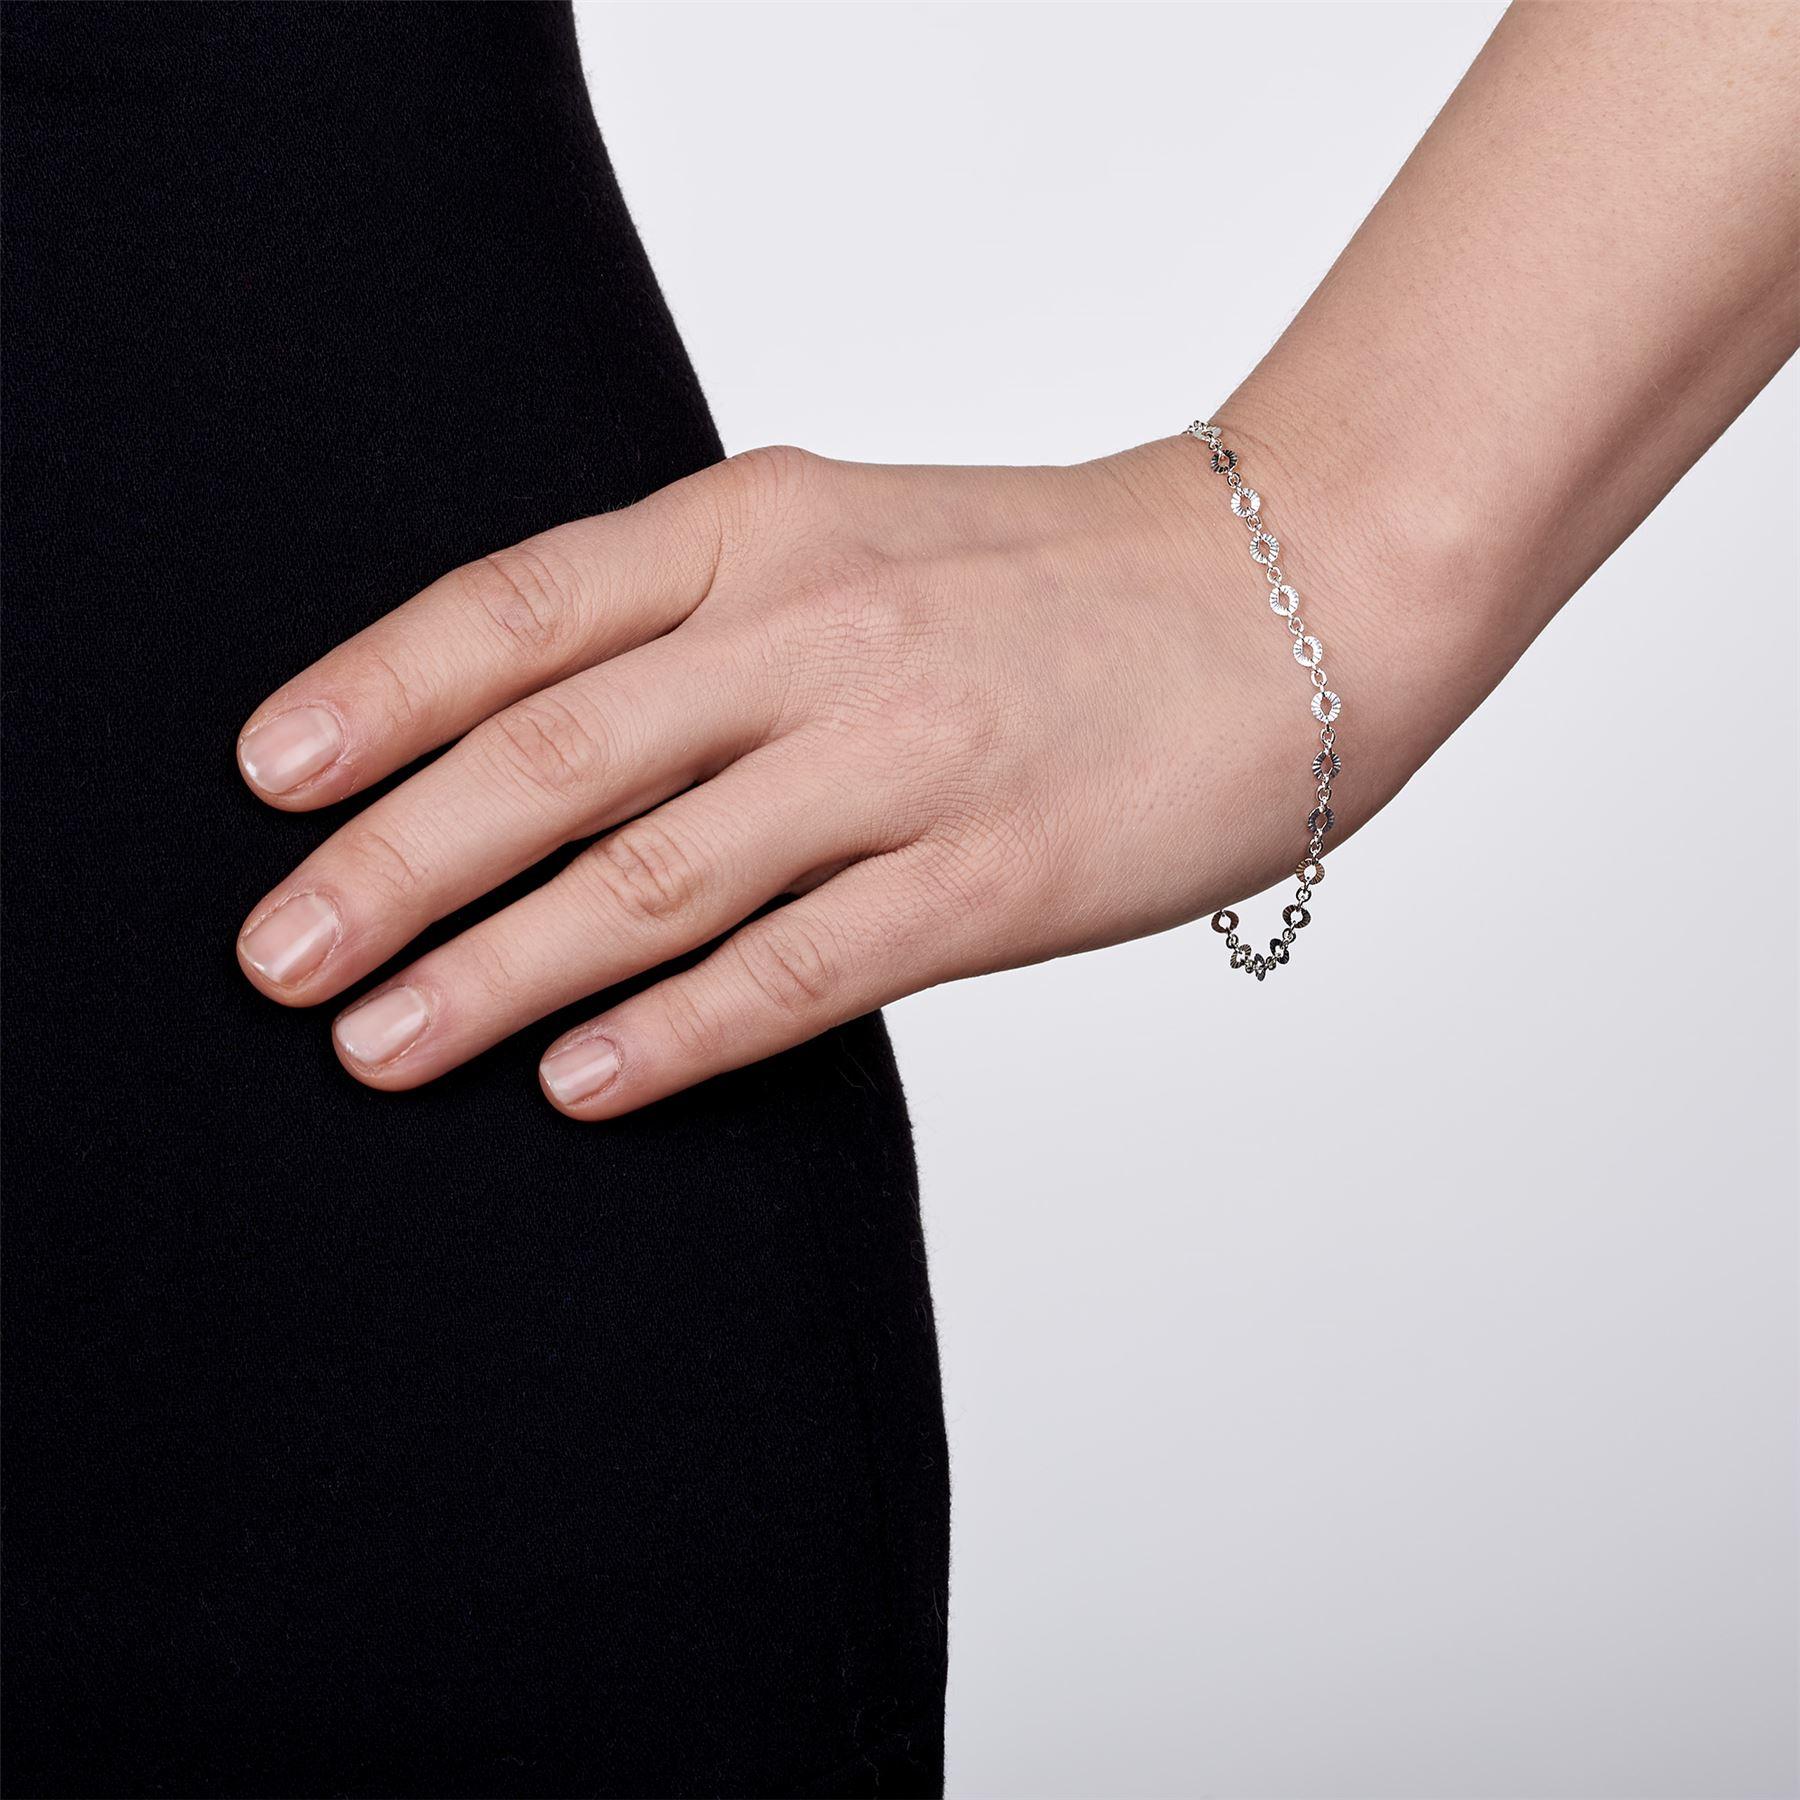 Amberta-Bijoux-Bracelet-en-Vrai-Argent-Sterling-925-Chaine-pour-Femme-a-la-Mode thumbnail 25